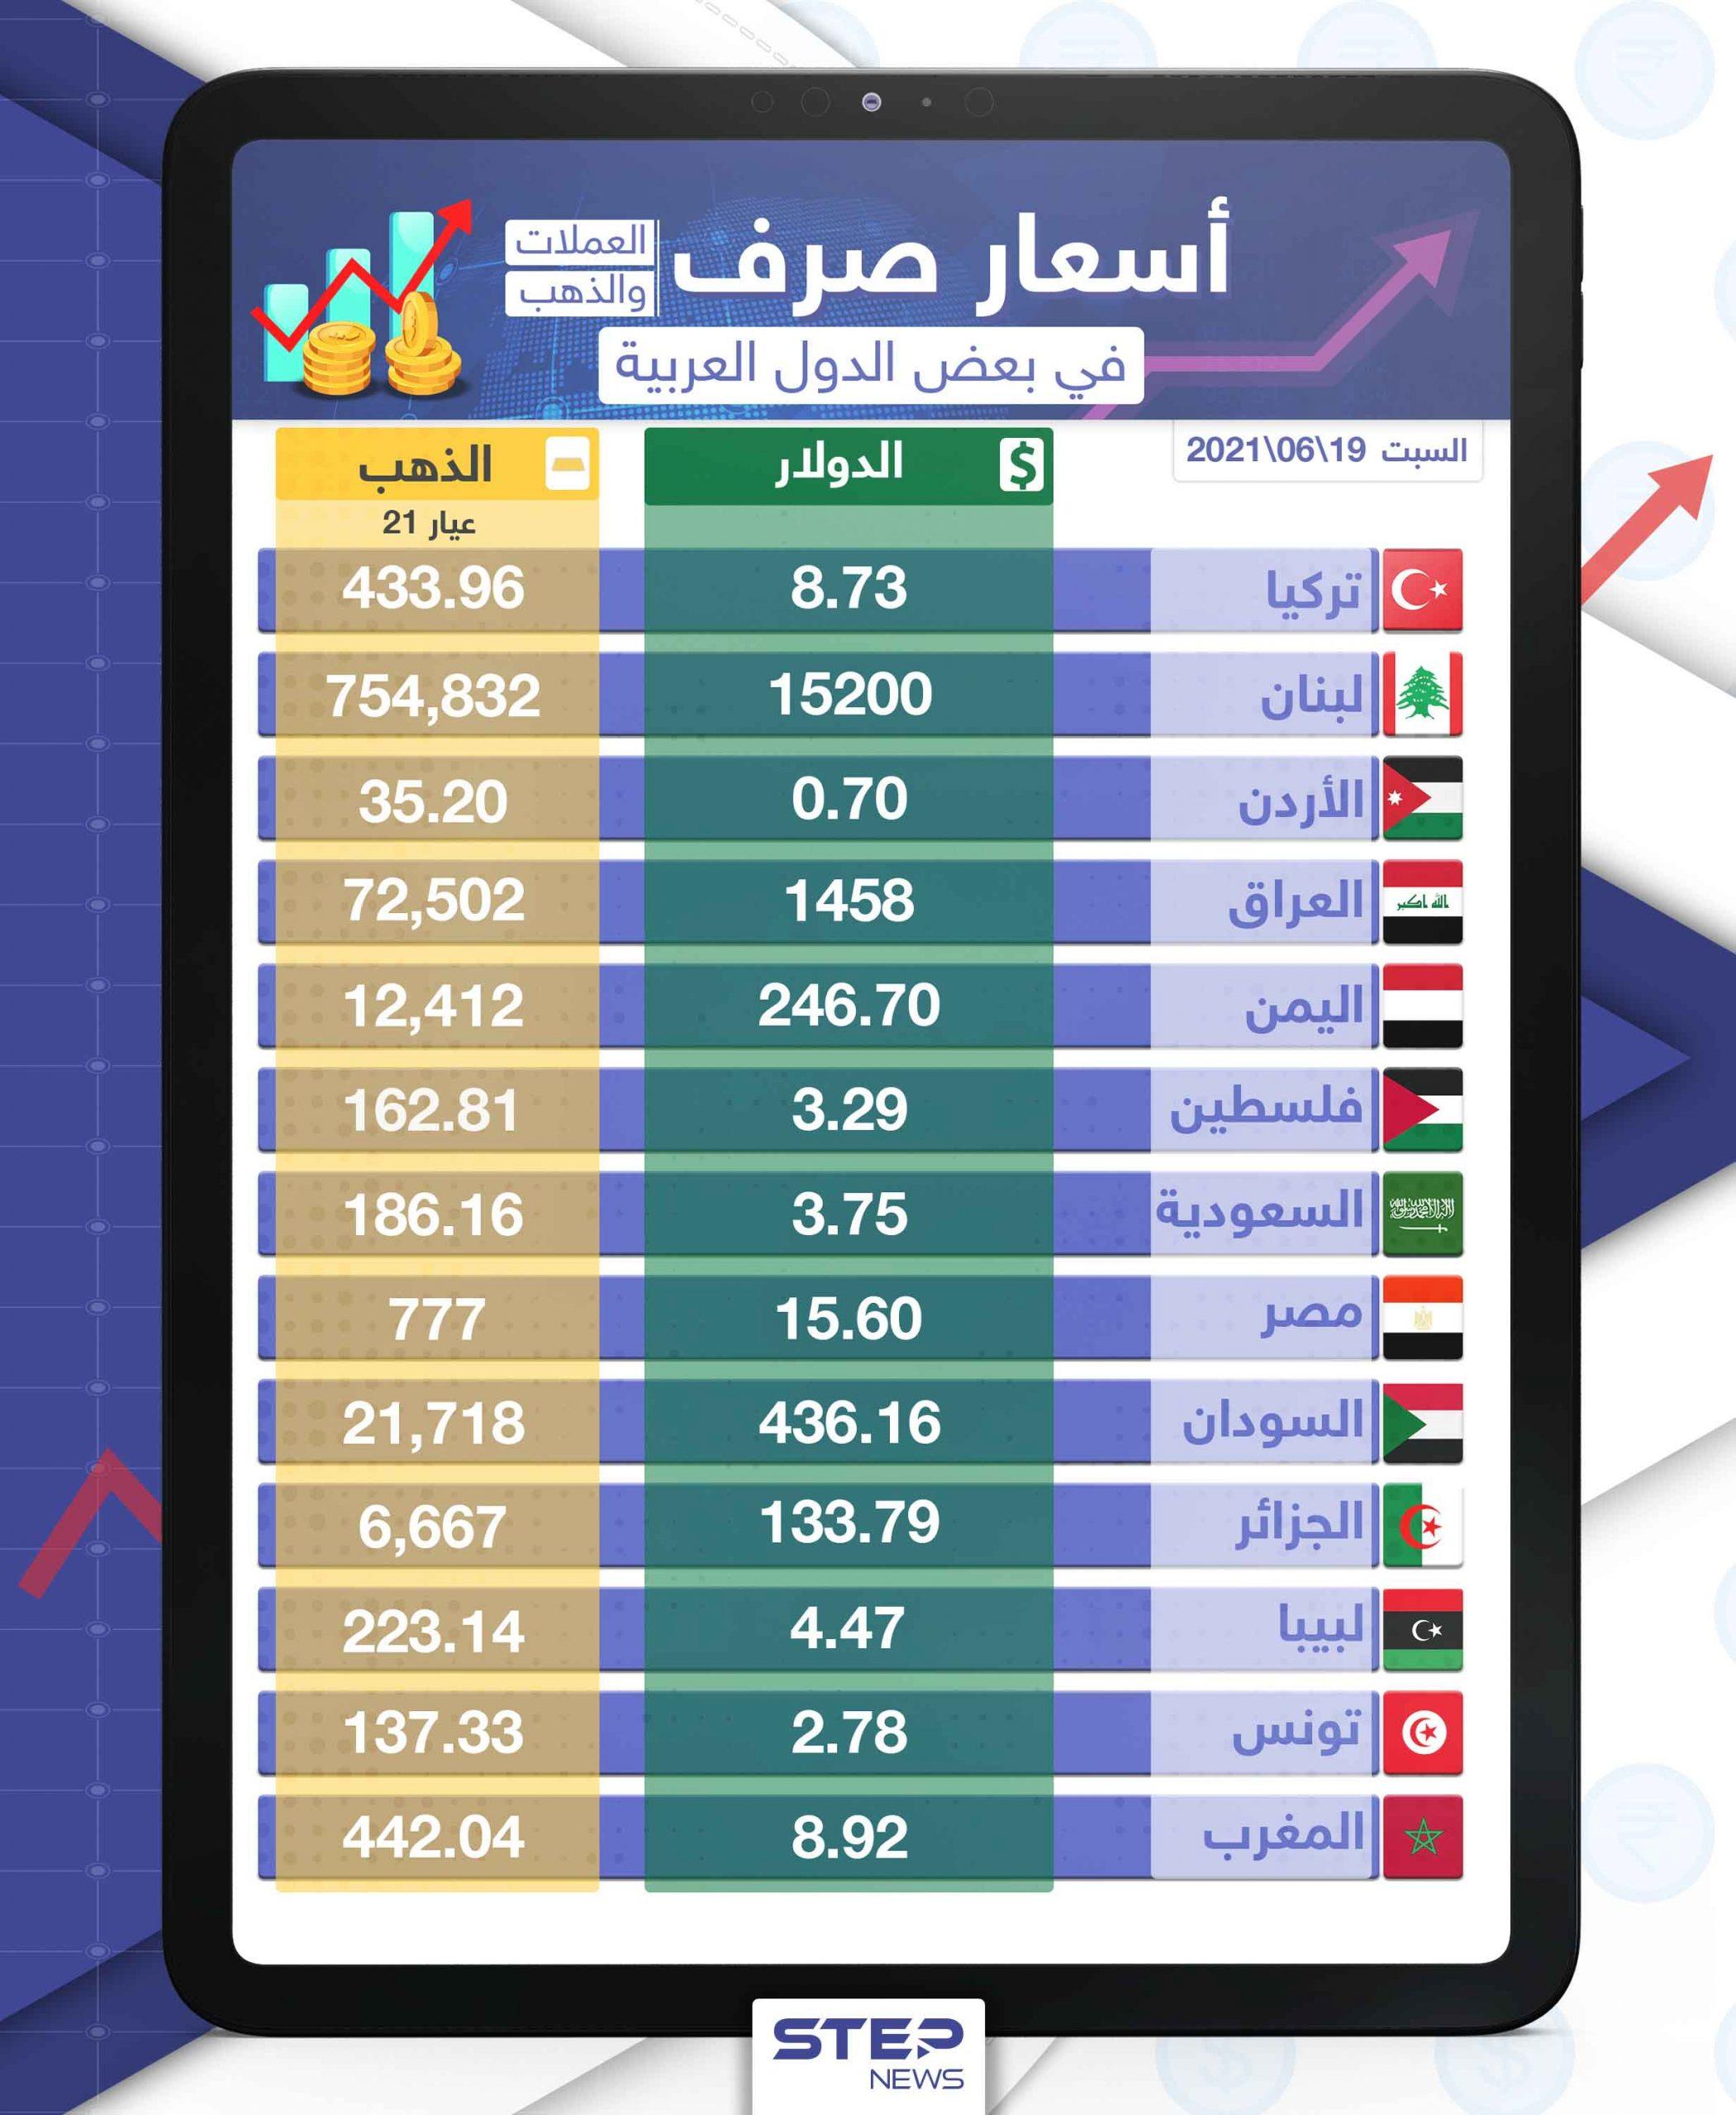 أسعار الذهب والعملات للدول العربية وتركيا اليوم السبت الموافق 19 حزيران 2021